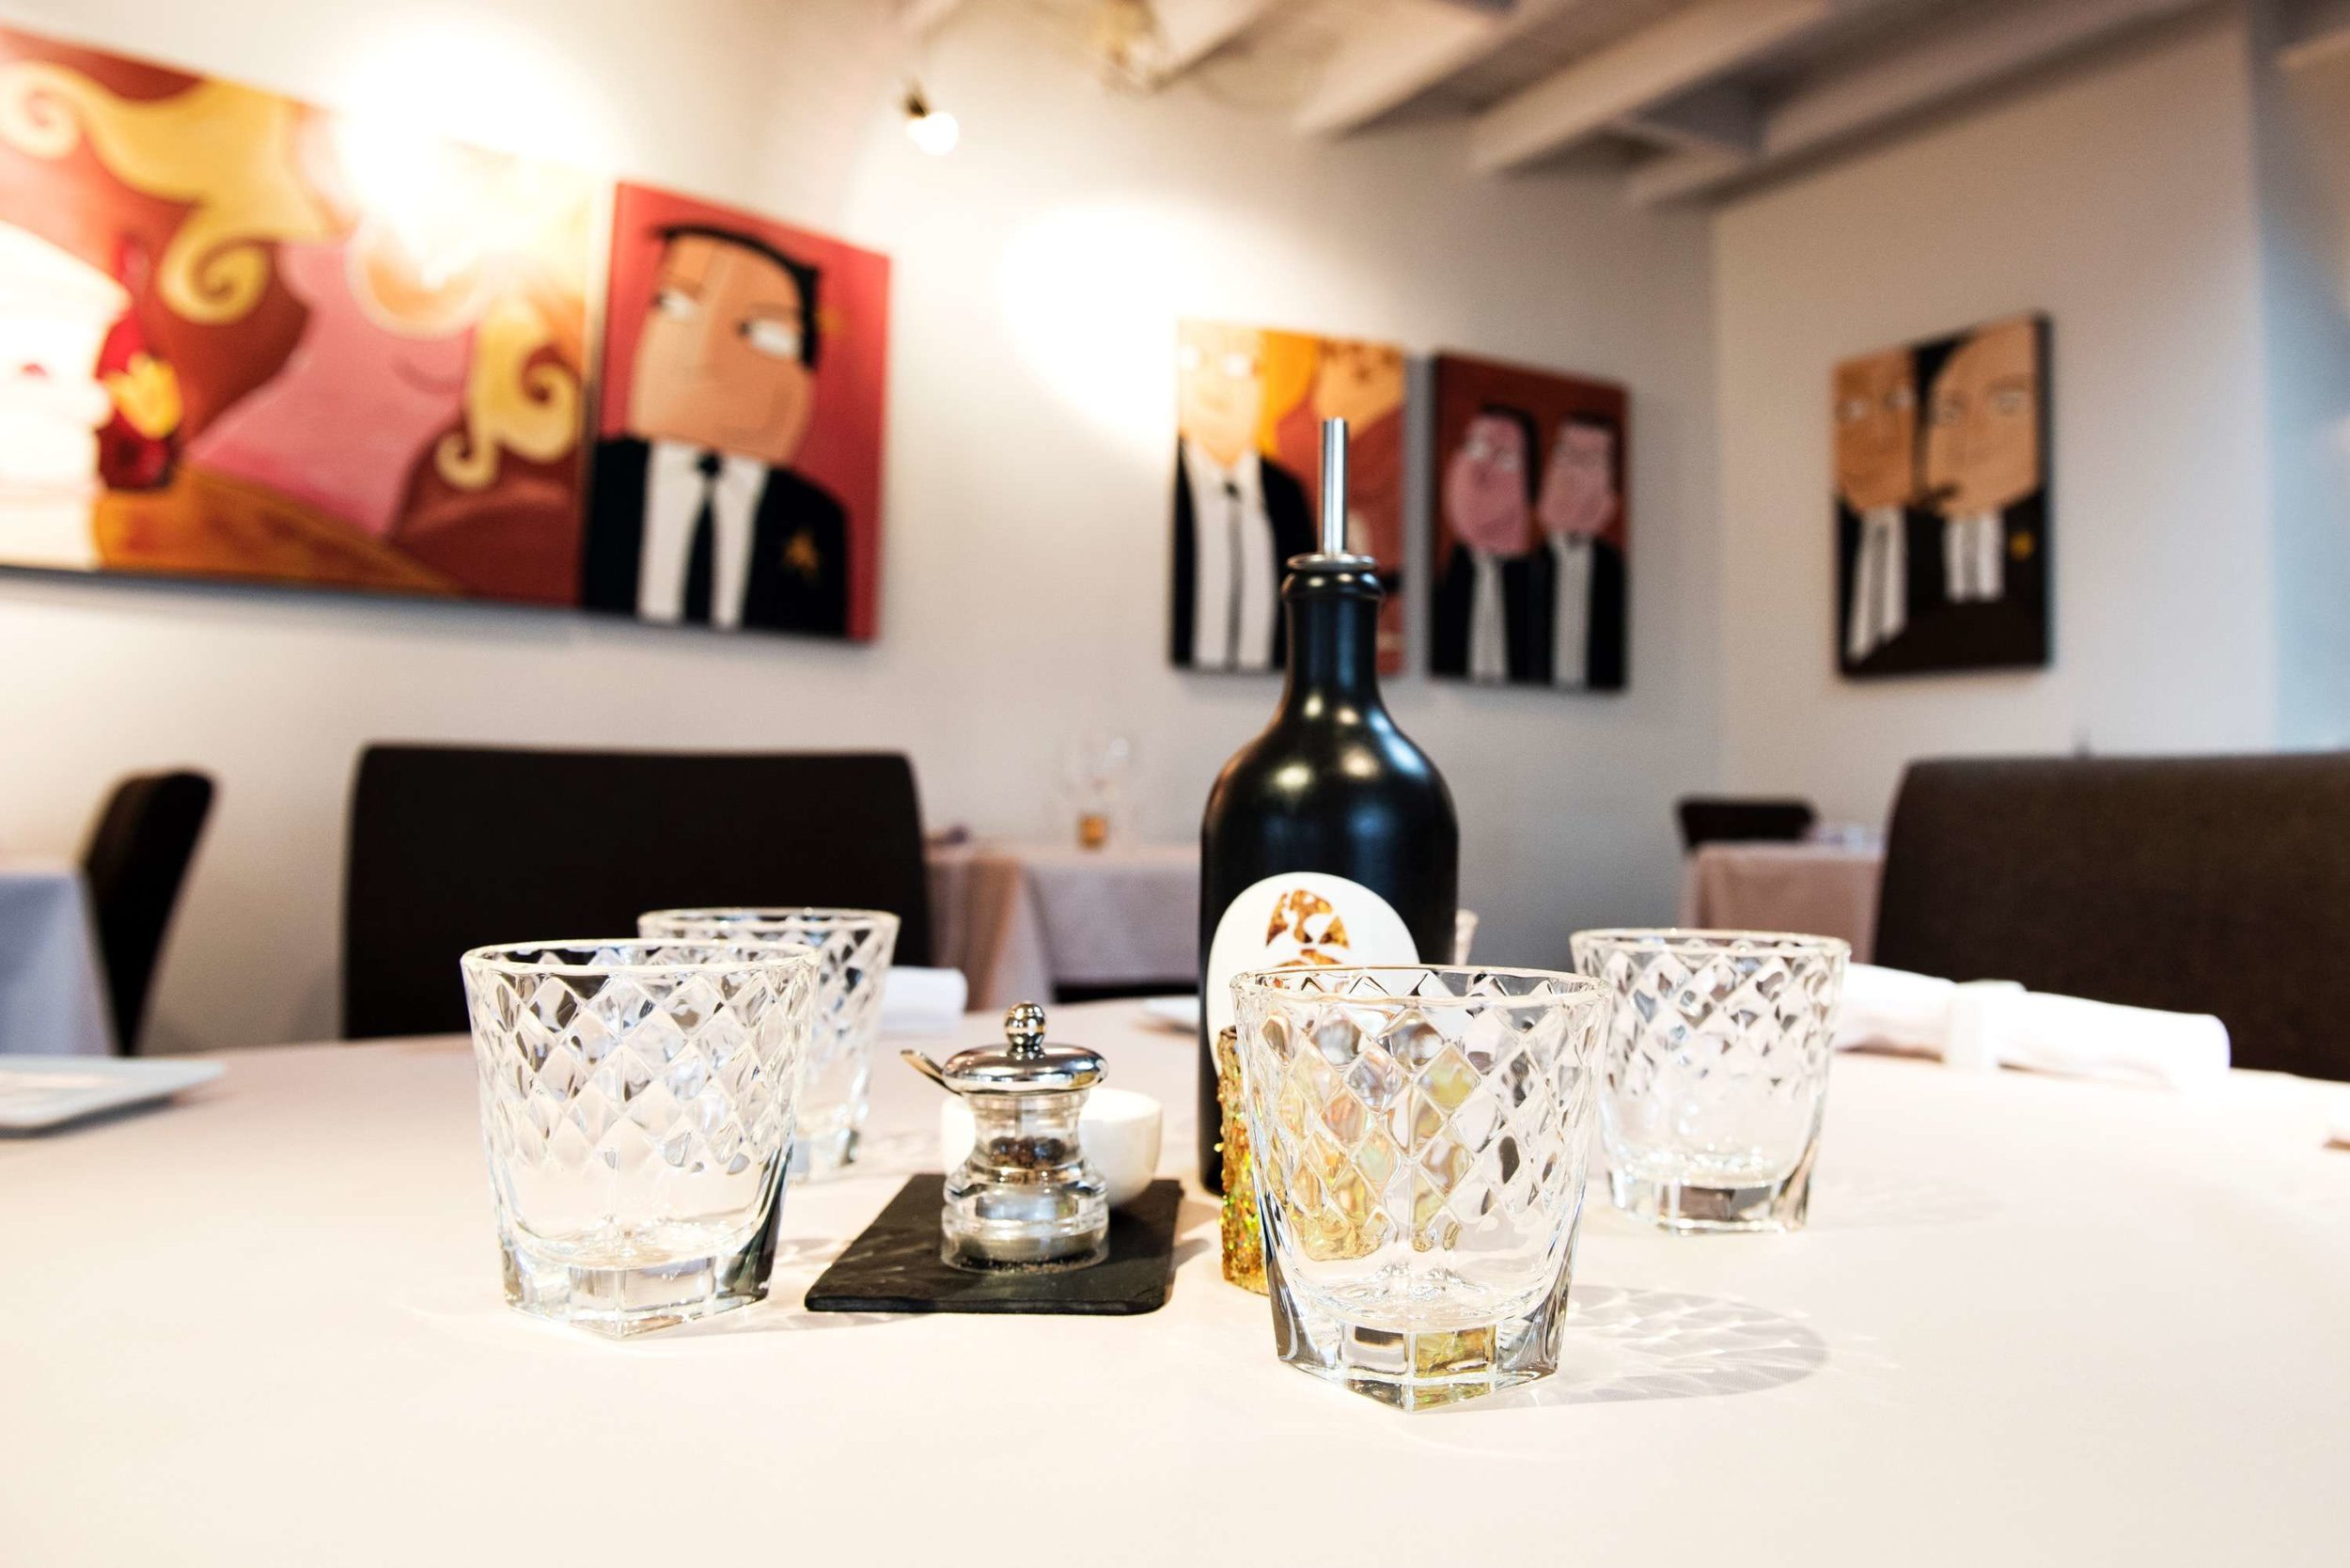 bouffard mol restaurant bart albrecht tablefever 14.jpg